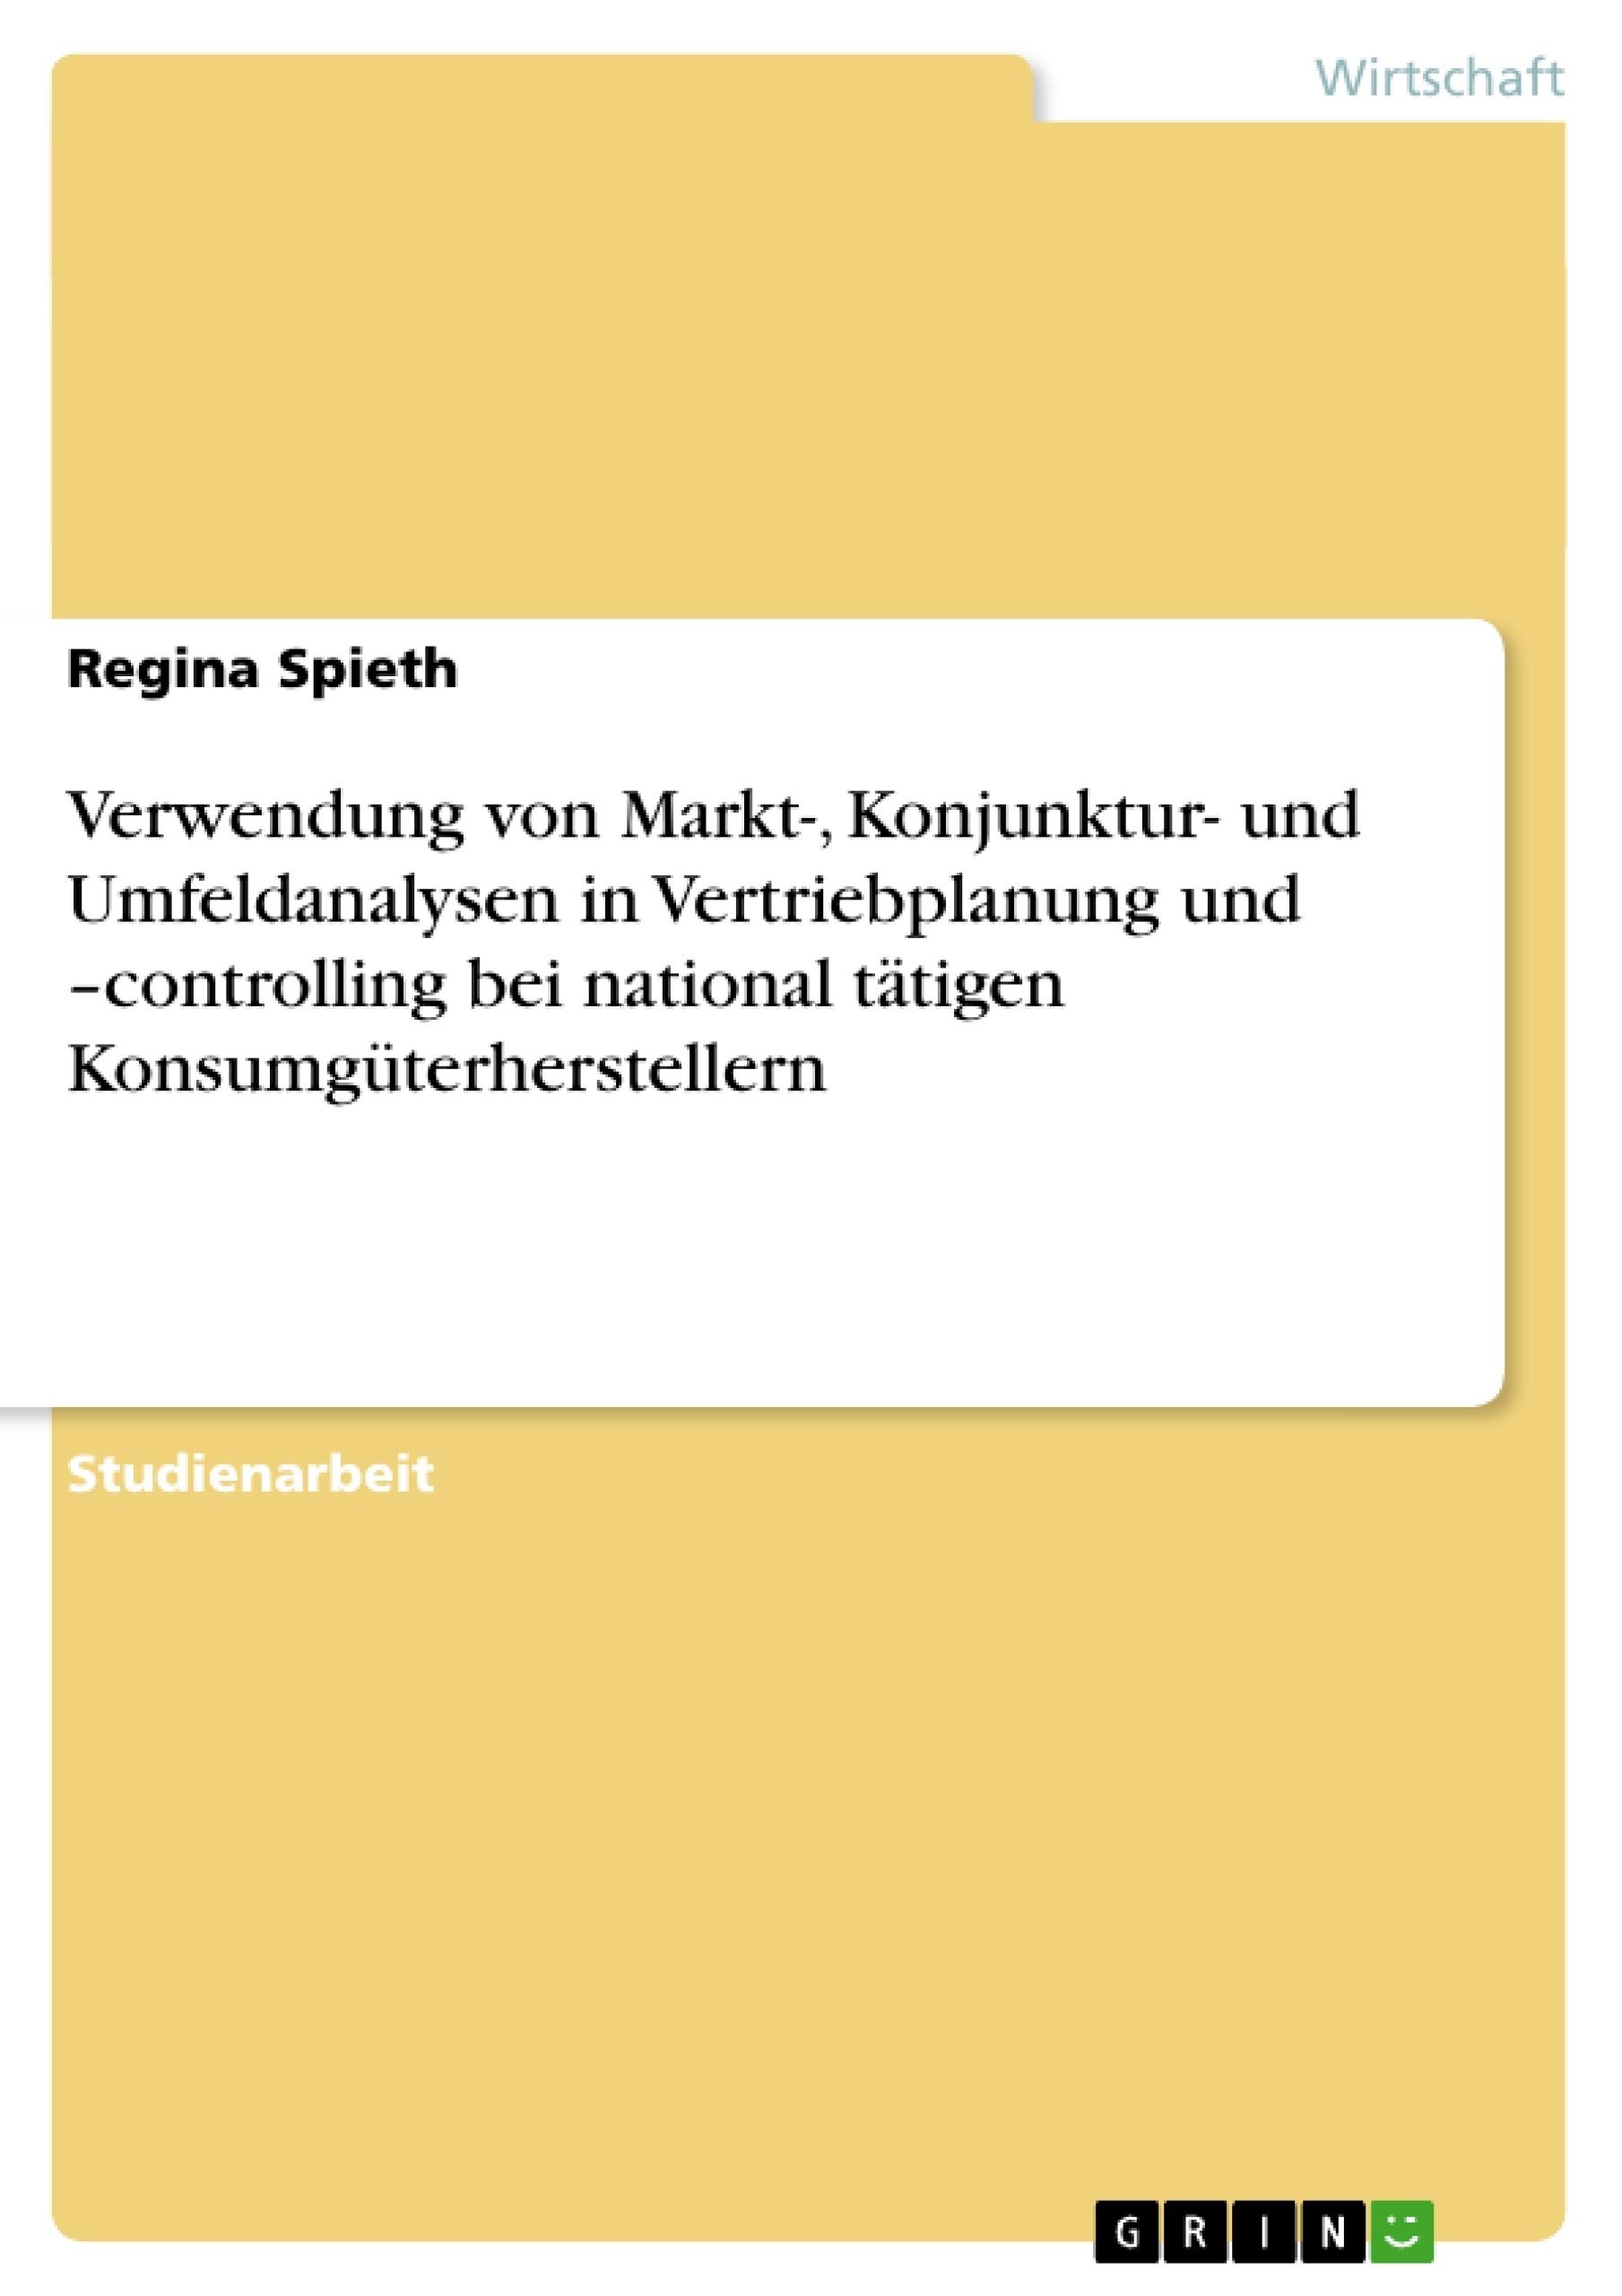 Titel: Verwendung von Markt-, Konjunktur- und Umfeldanalysen in Vertriebplanung und –controlling bei national tätigen Konsumgüterherstellern